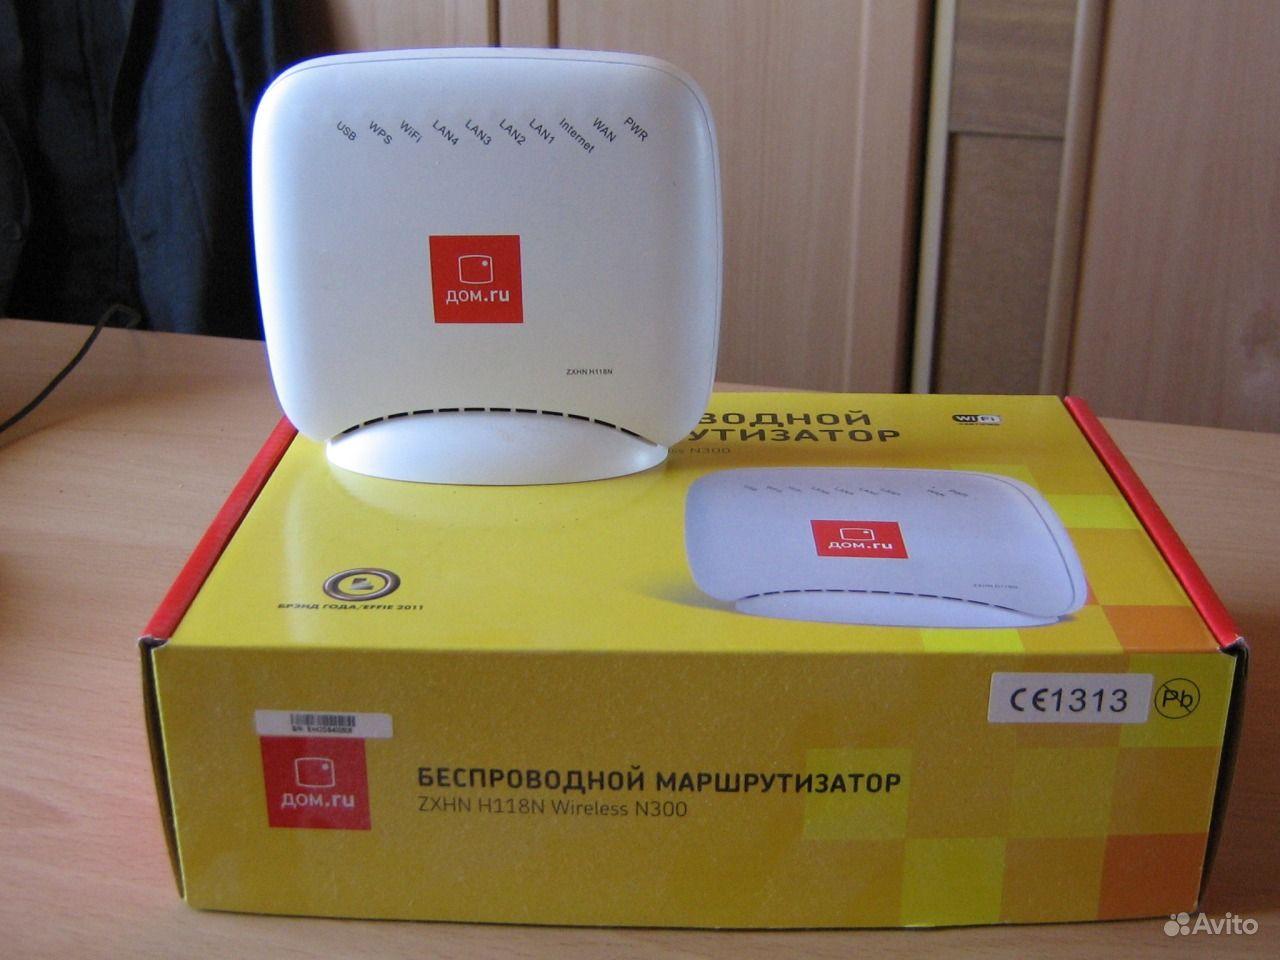 Топ-5 лучших Wi-Fi роутеров Как выбрать - RuBroad ru